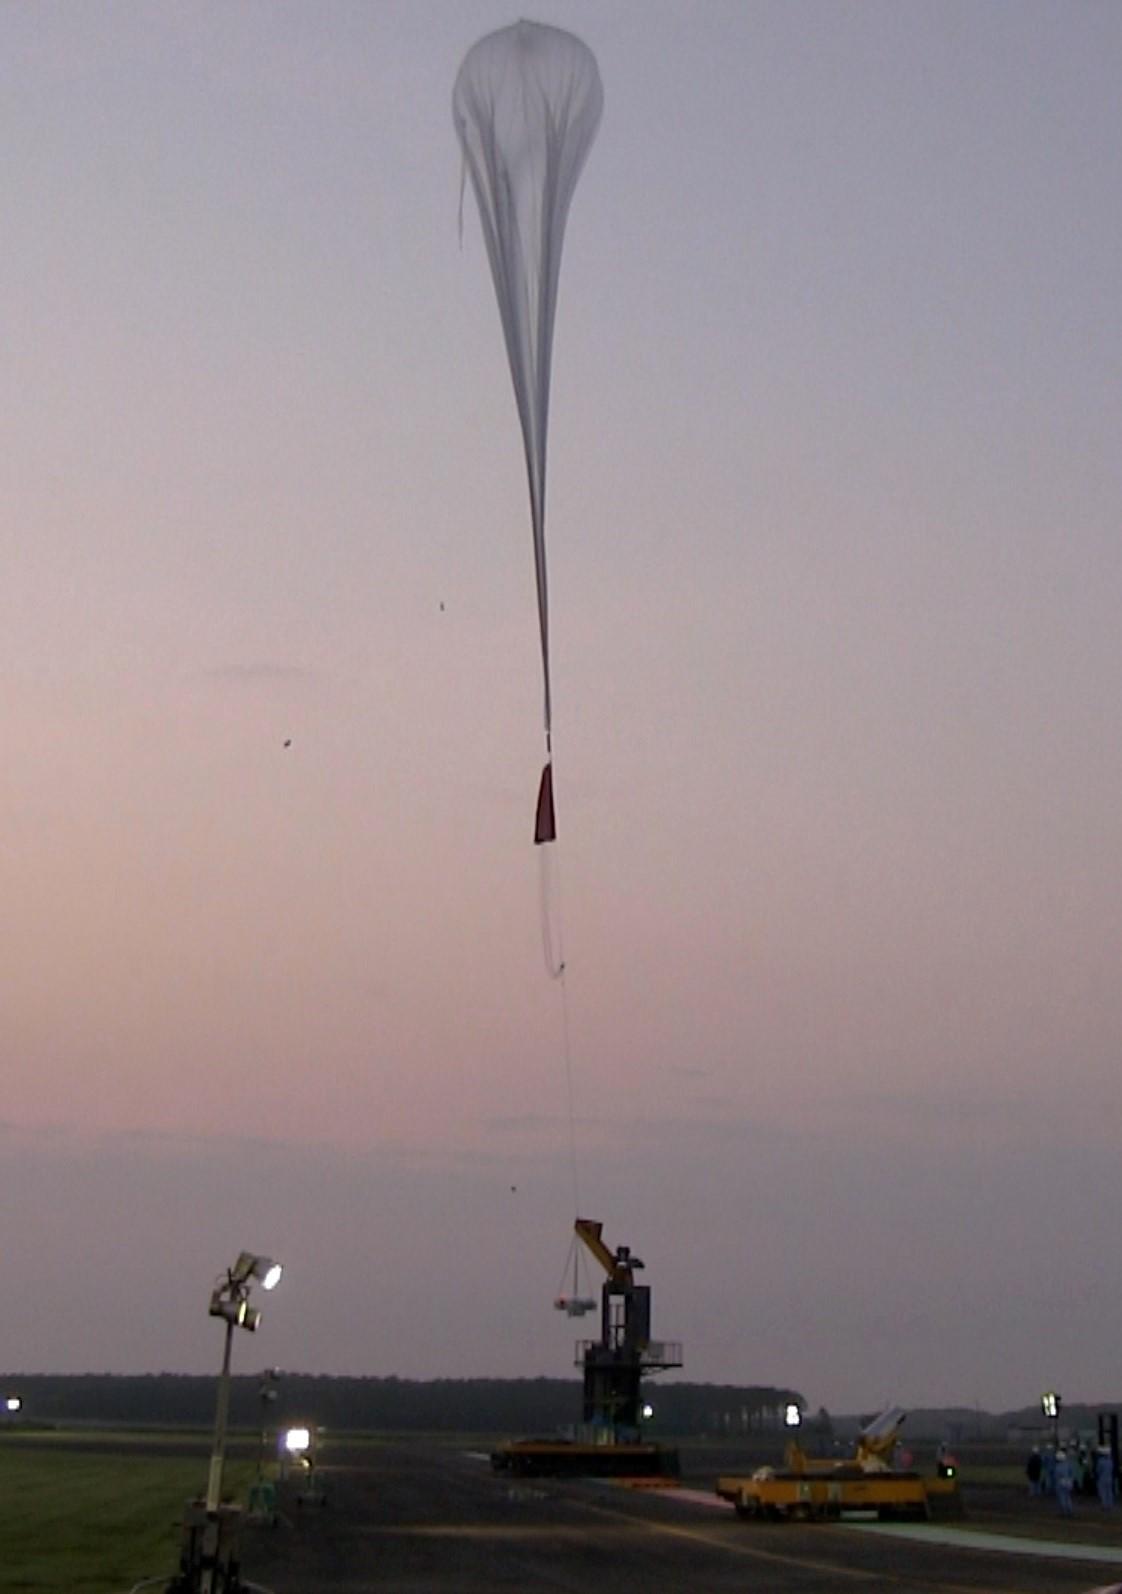 大気球の放球の様子